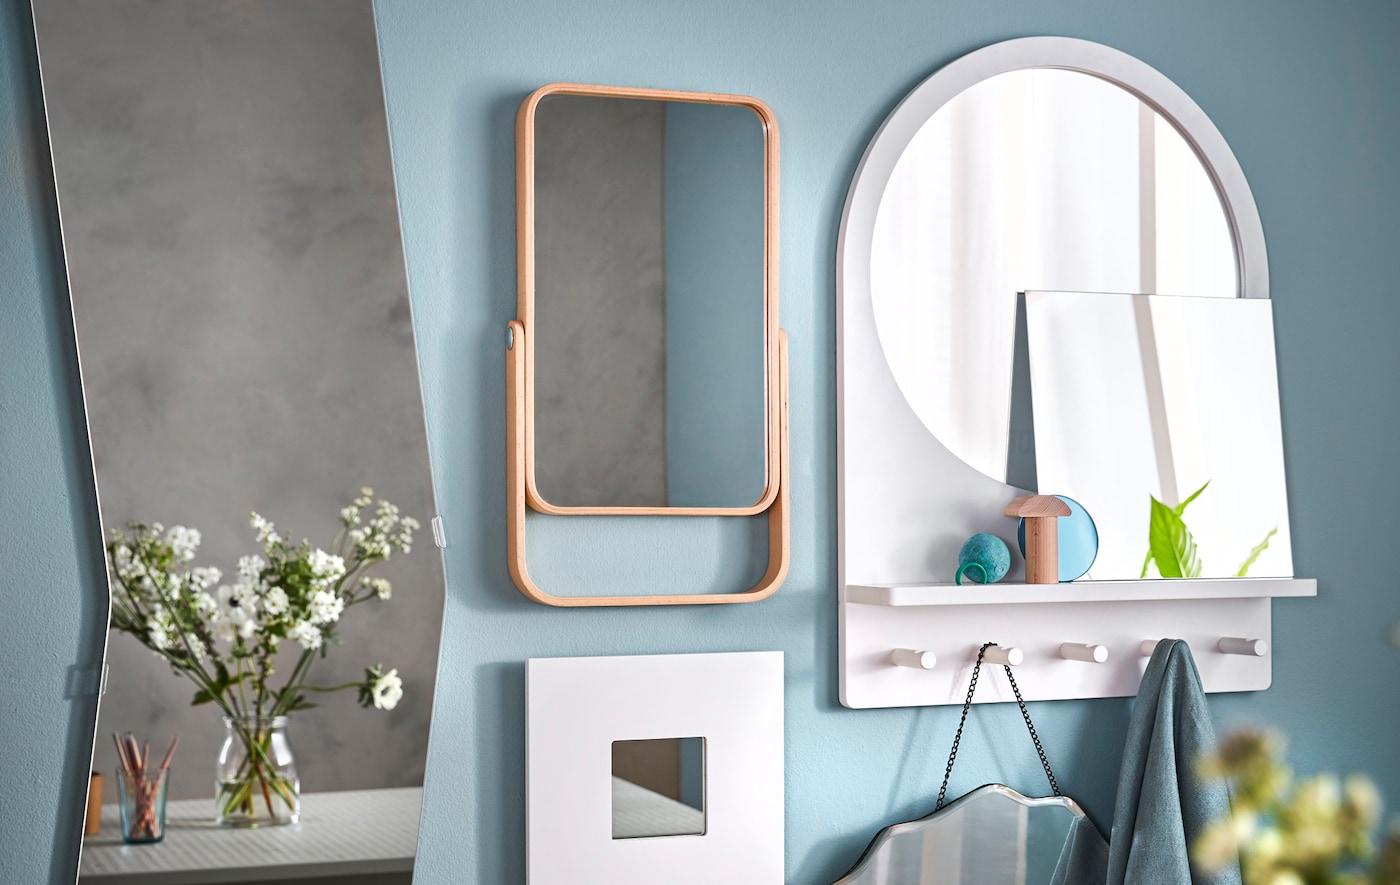 Laita monta peiliä seinälle kollaasiksi! Valkoinen IKEA MALMA -peili ripustetaan seinälle kiinnikkeillä.